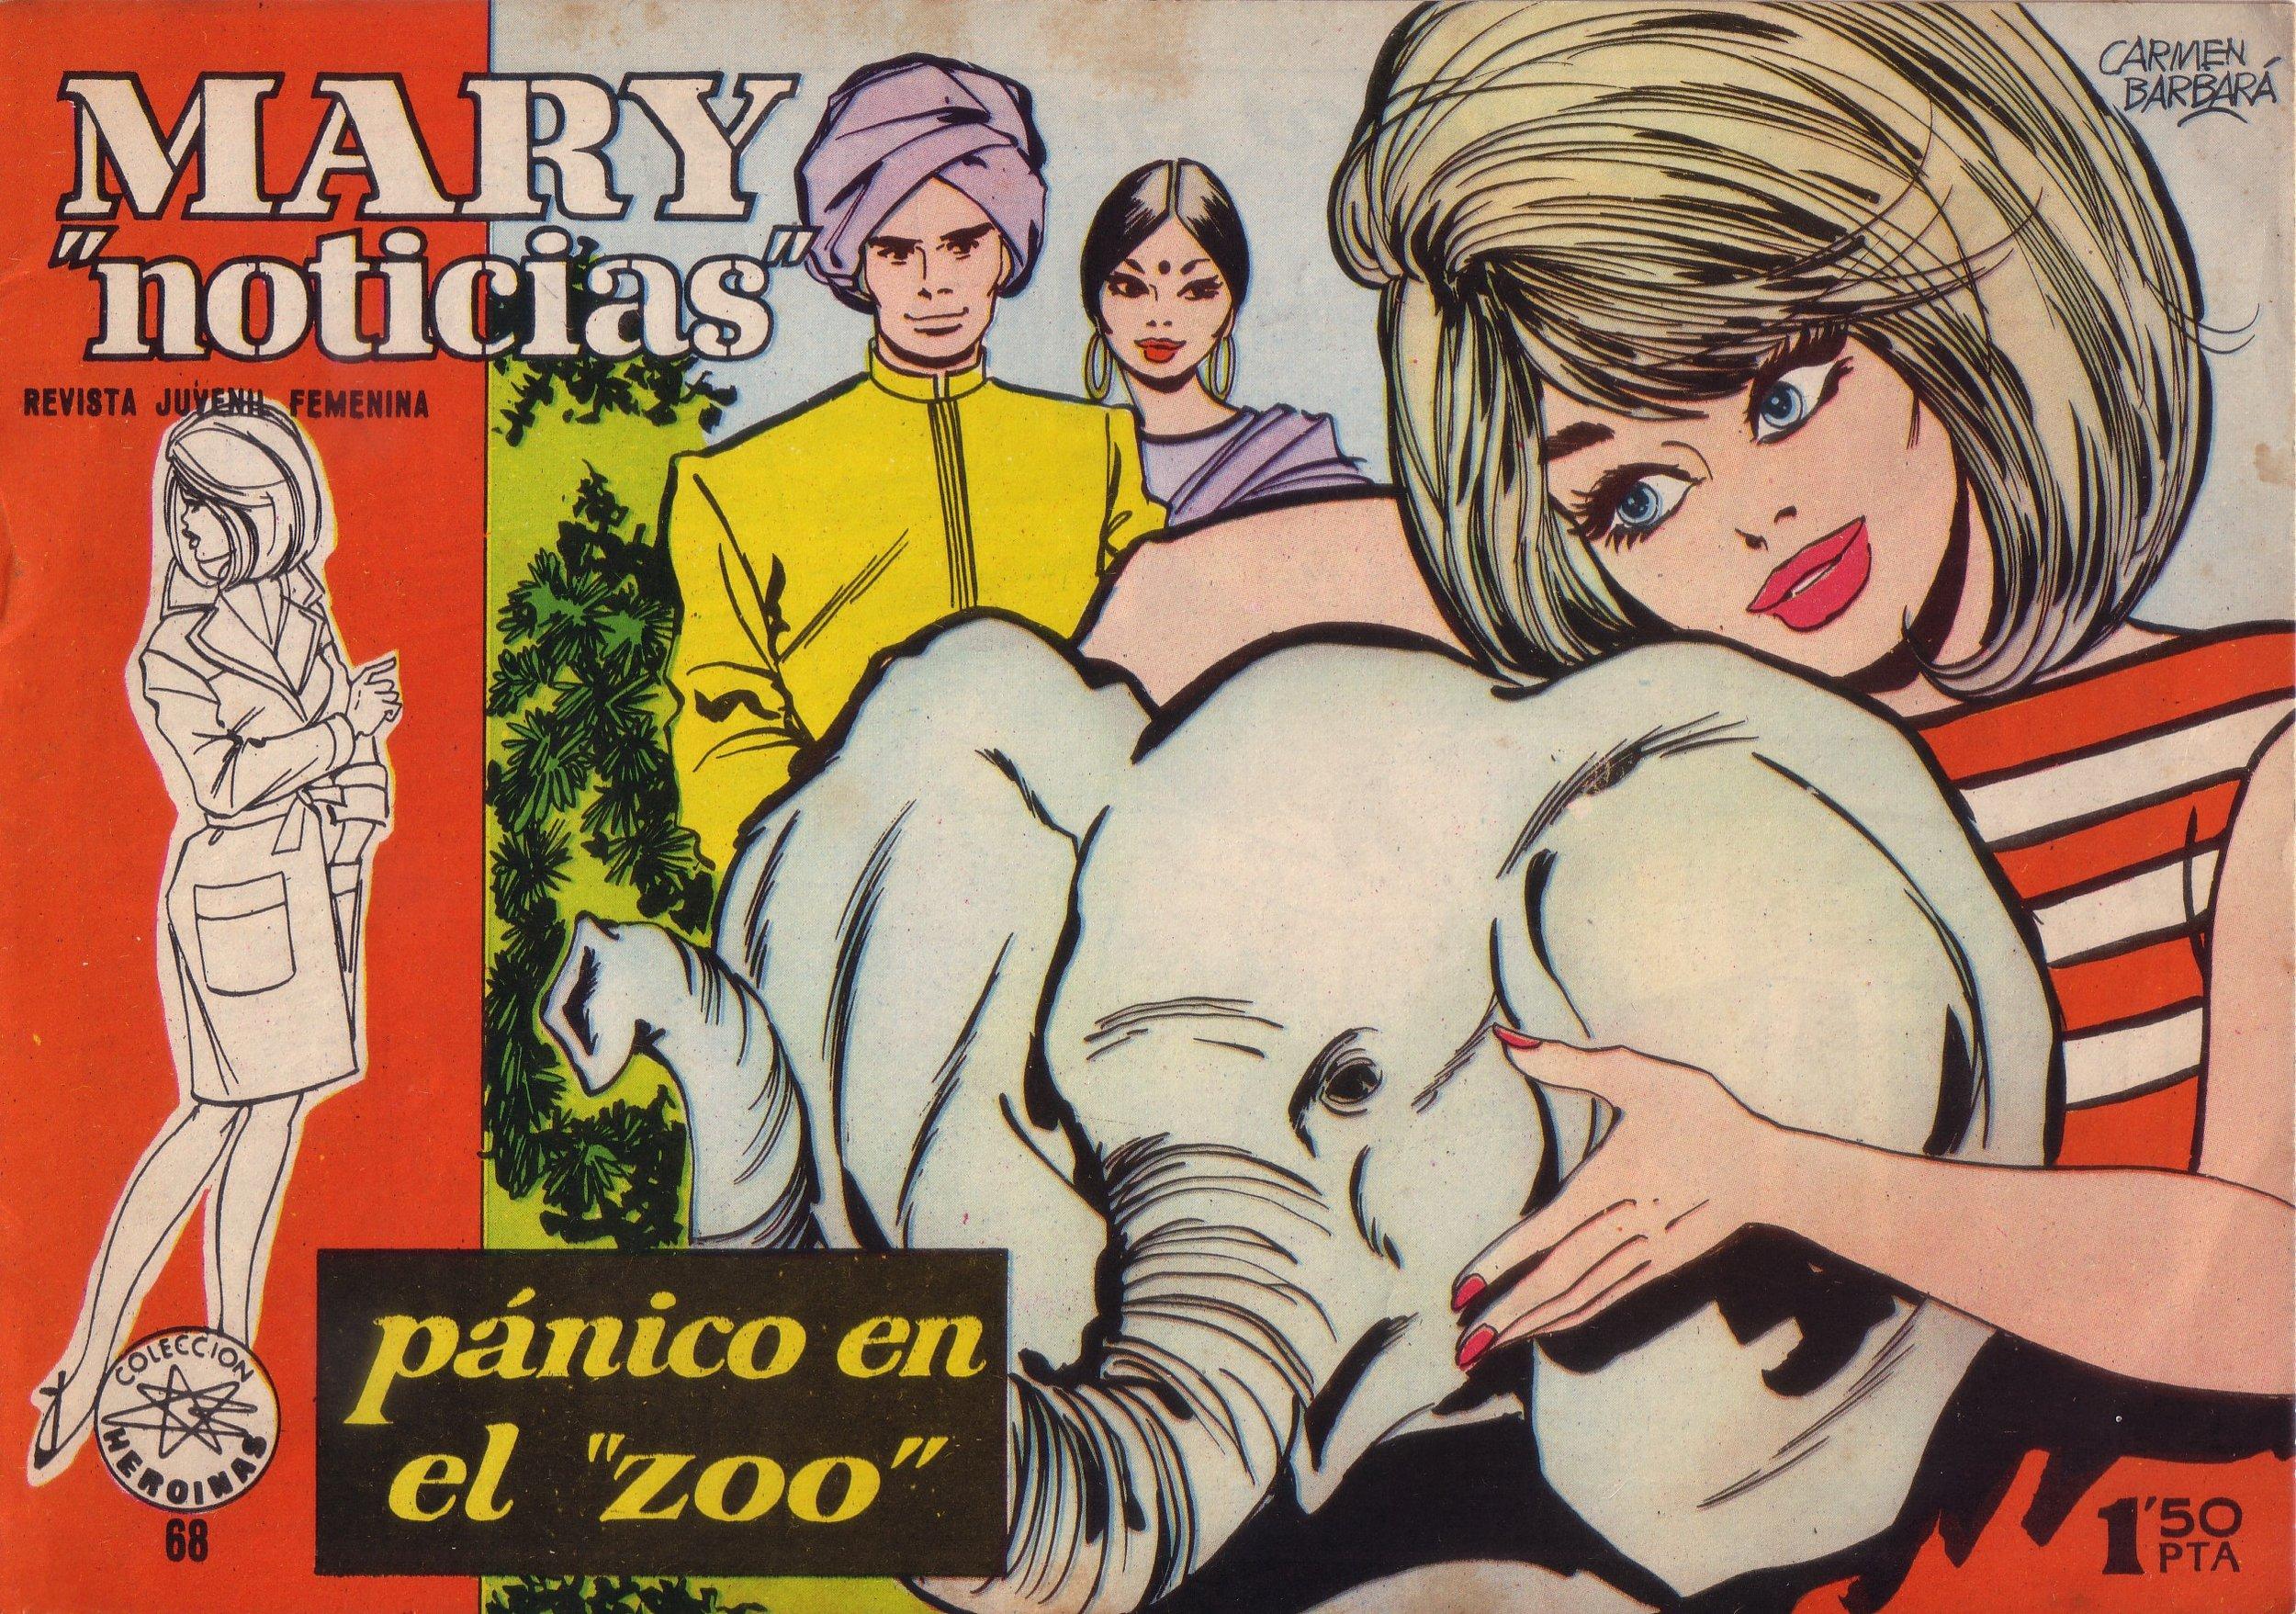 068_00 Panico en el zoo.jpg